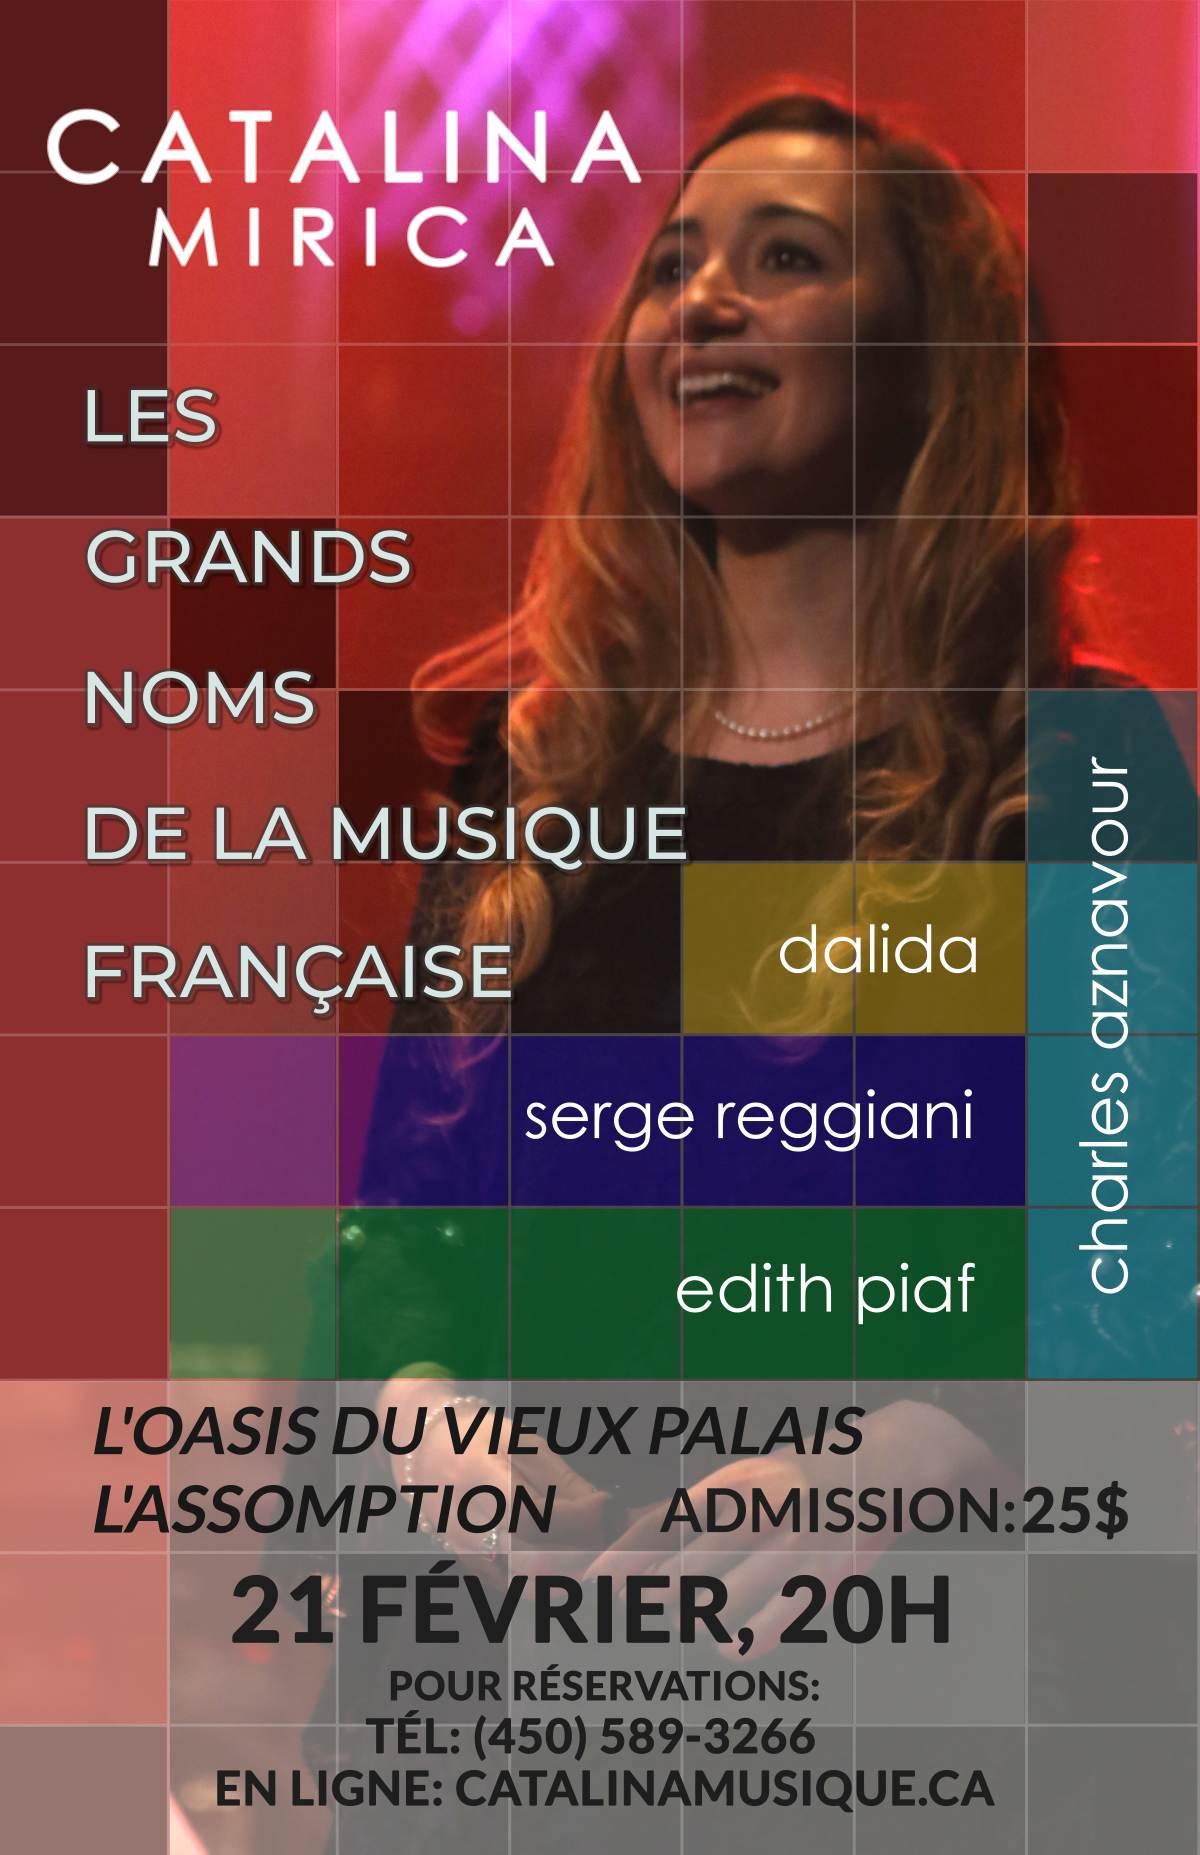 Les grands noms de la musique francaise par Catalina